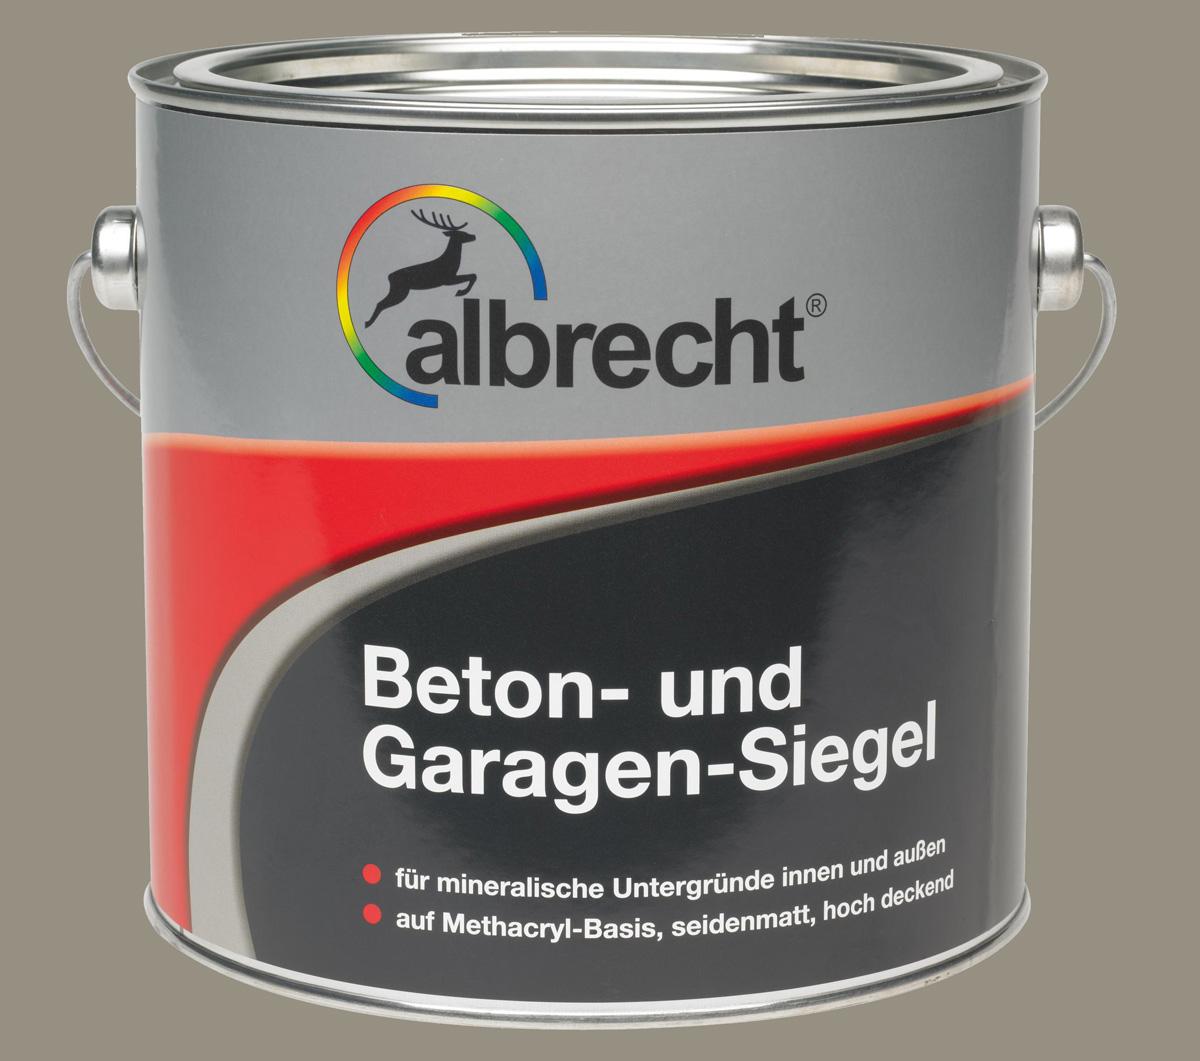 Beton- und Garagen-Siegel - Steingrau